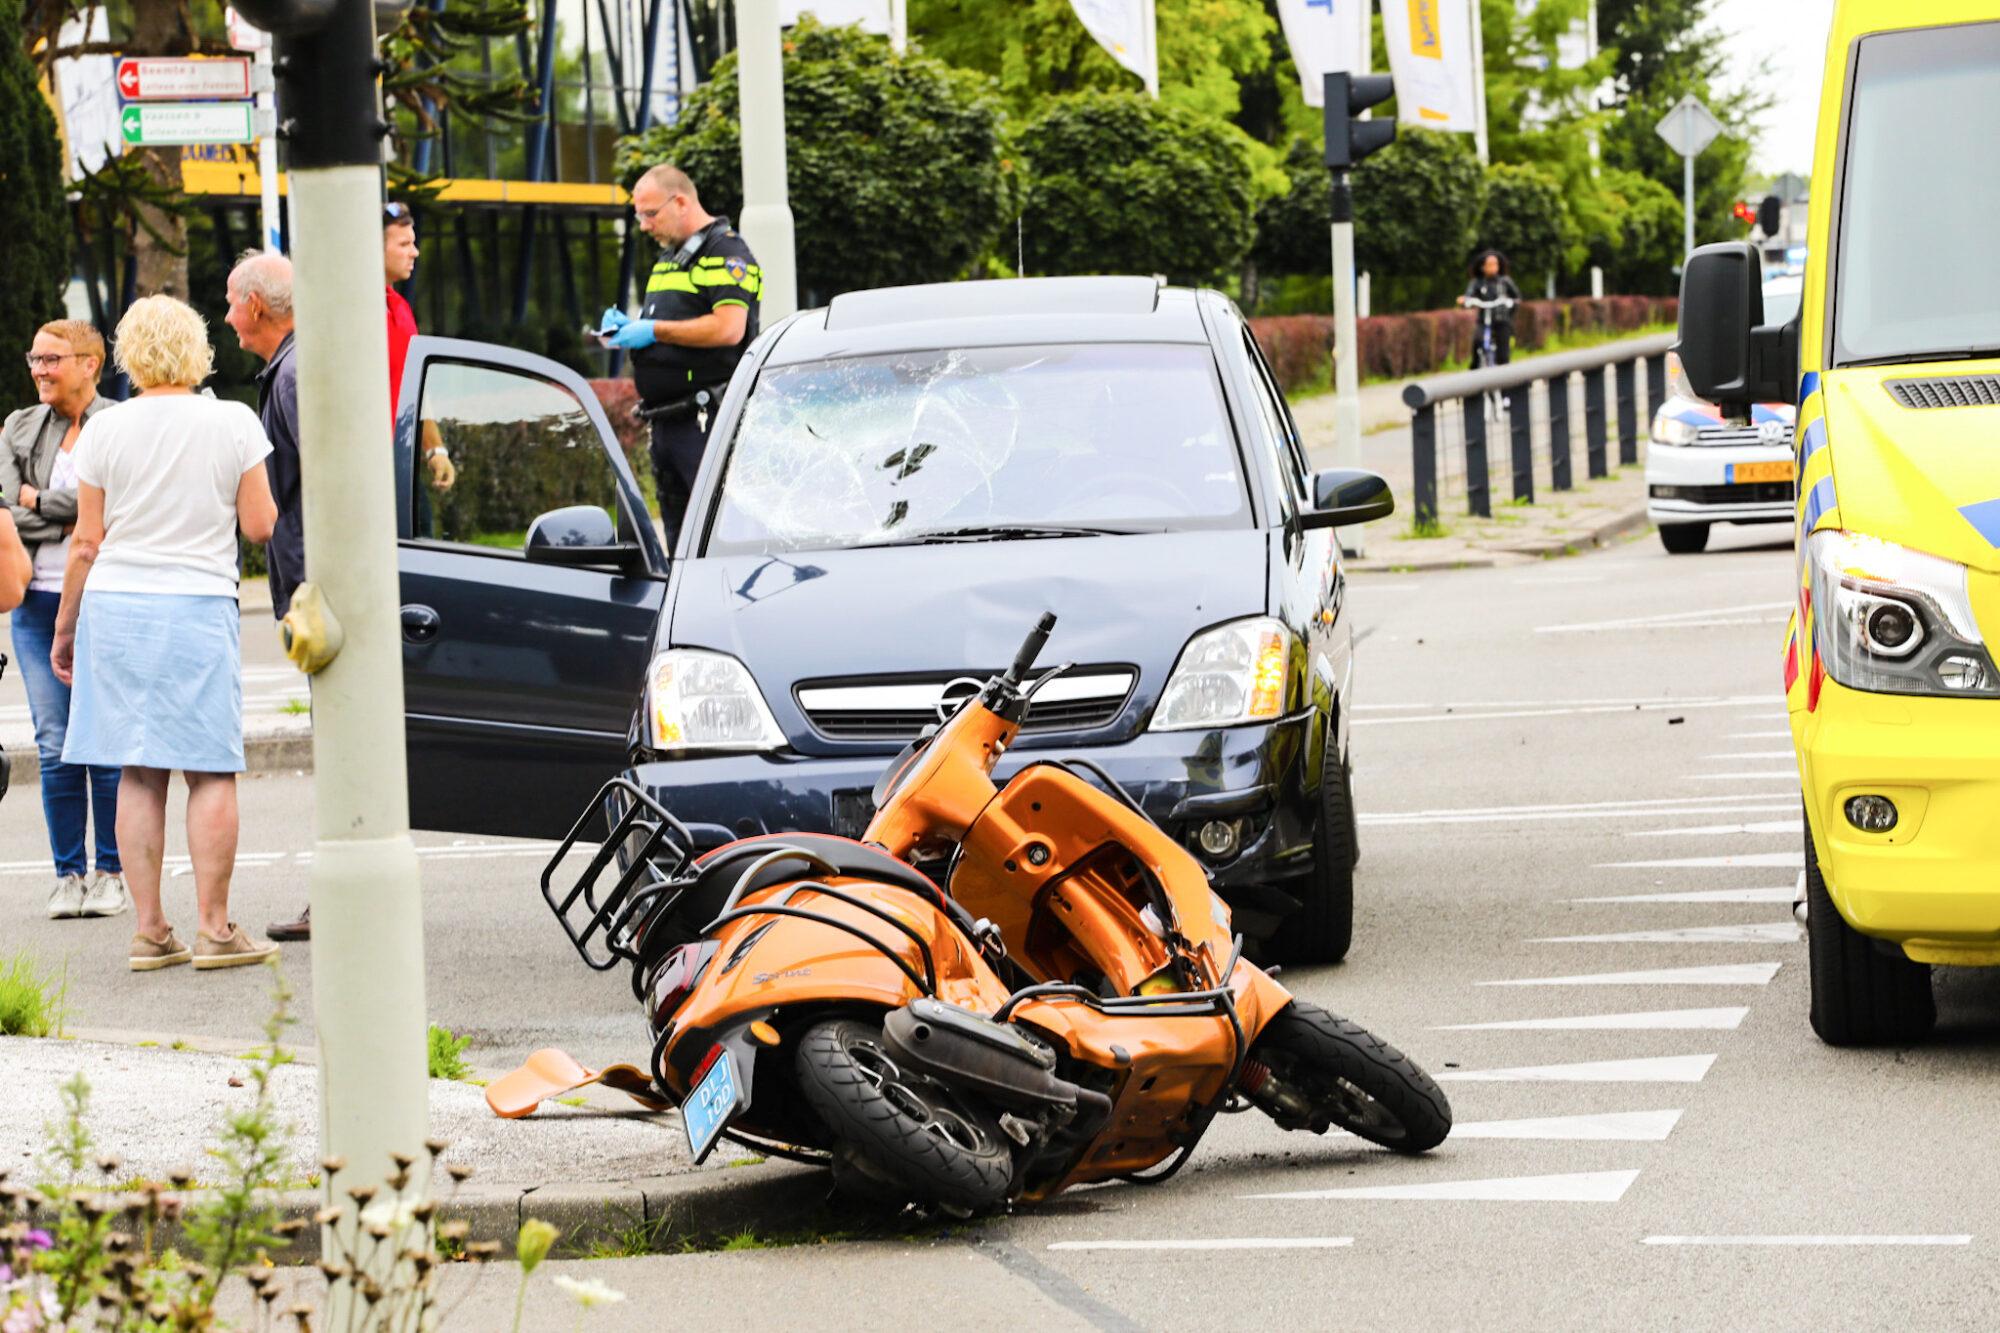 Harde botsing tussen scooter en auto in Apeldoorn; een gewonde.